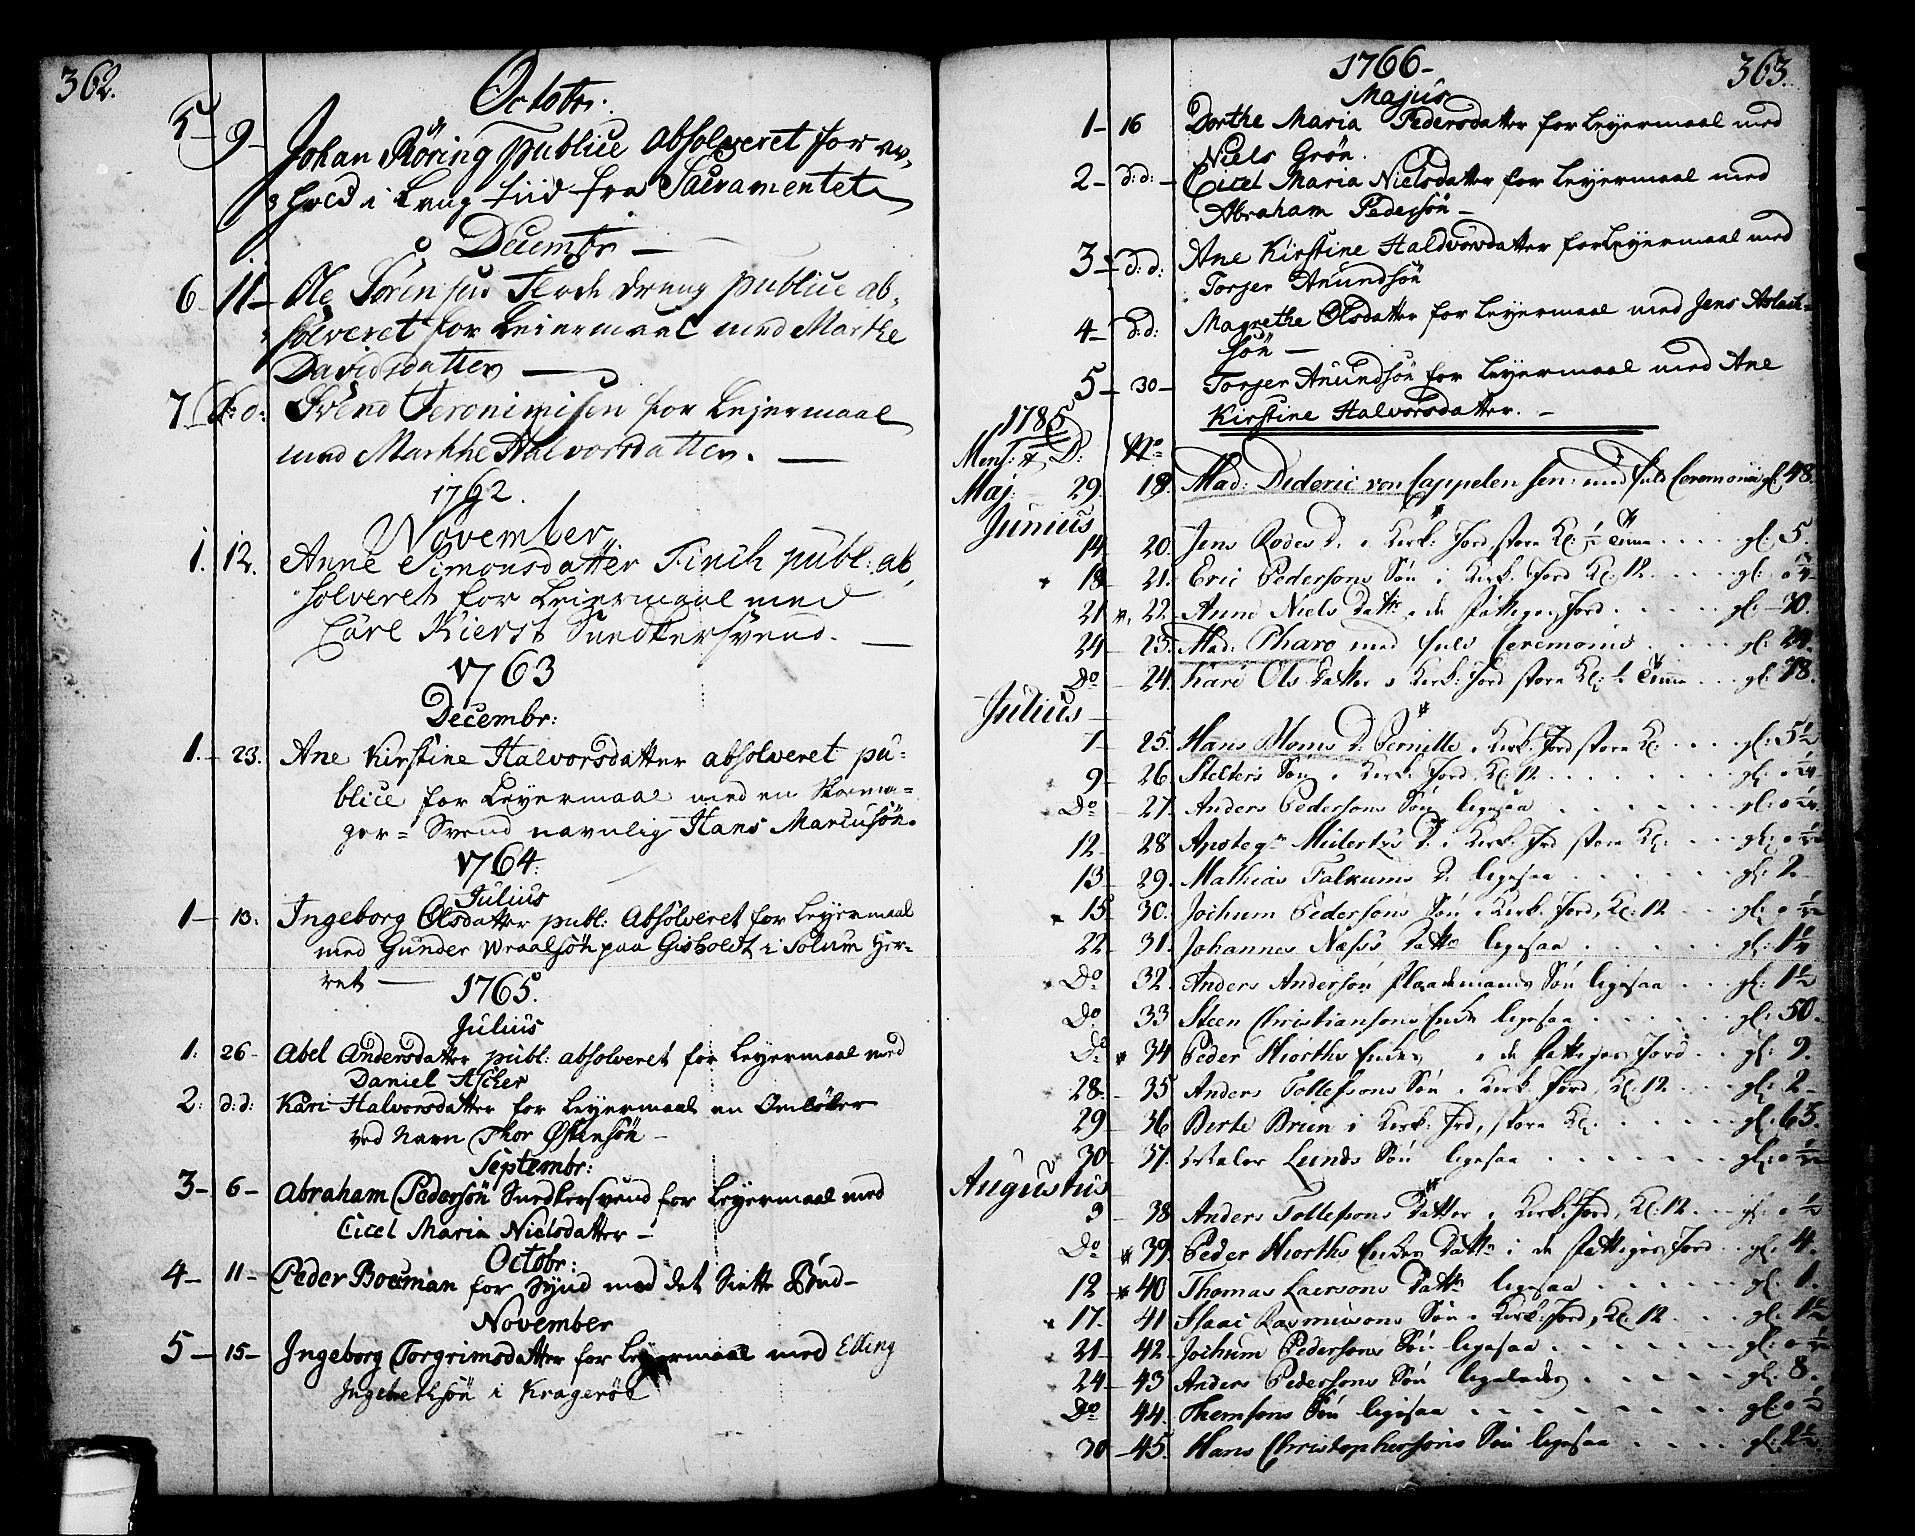 SAKO, Skien kirkebøker, F/Fa/L0003: Ministerialbok nr. 3, 1755-1791, s. 362-363